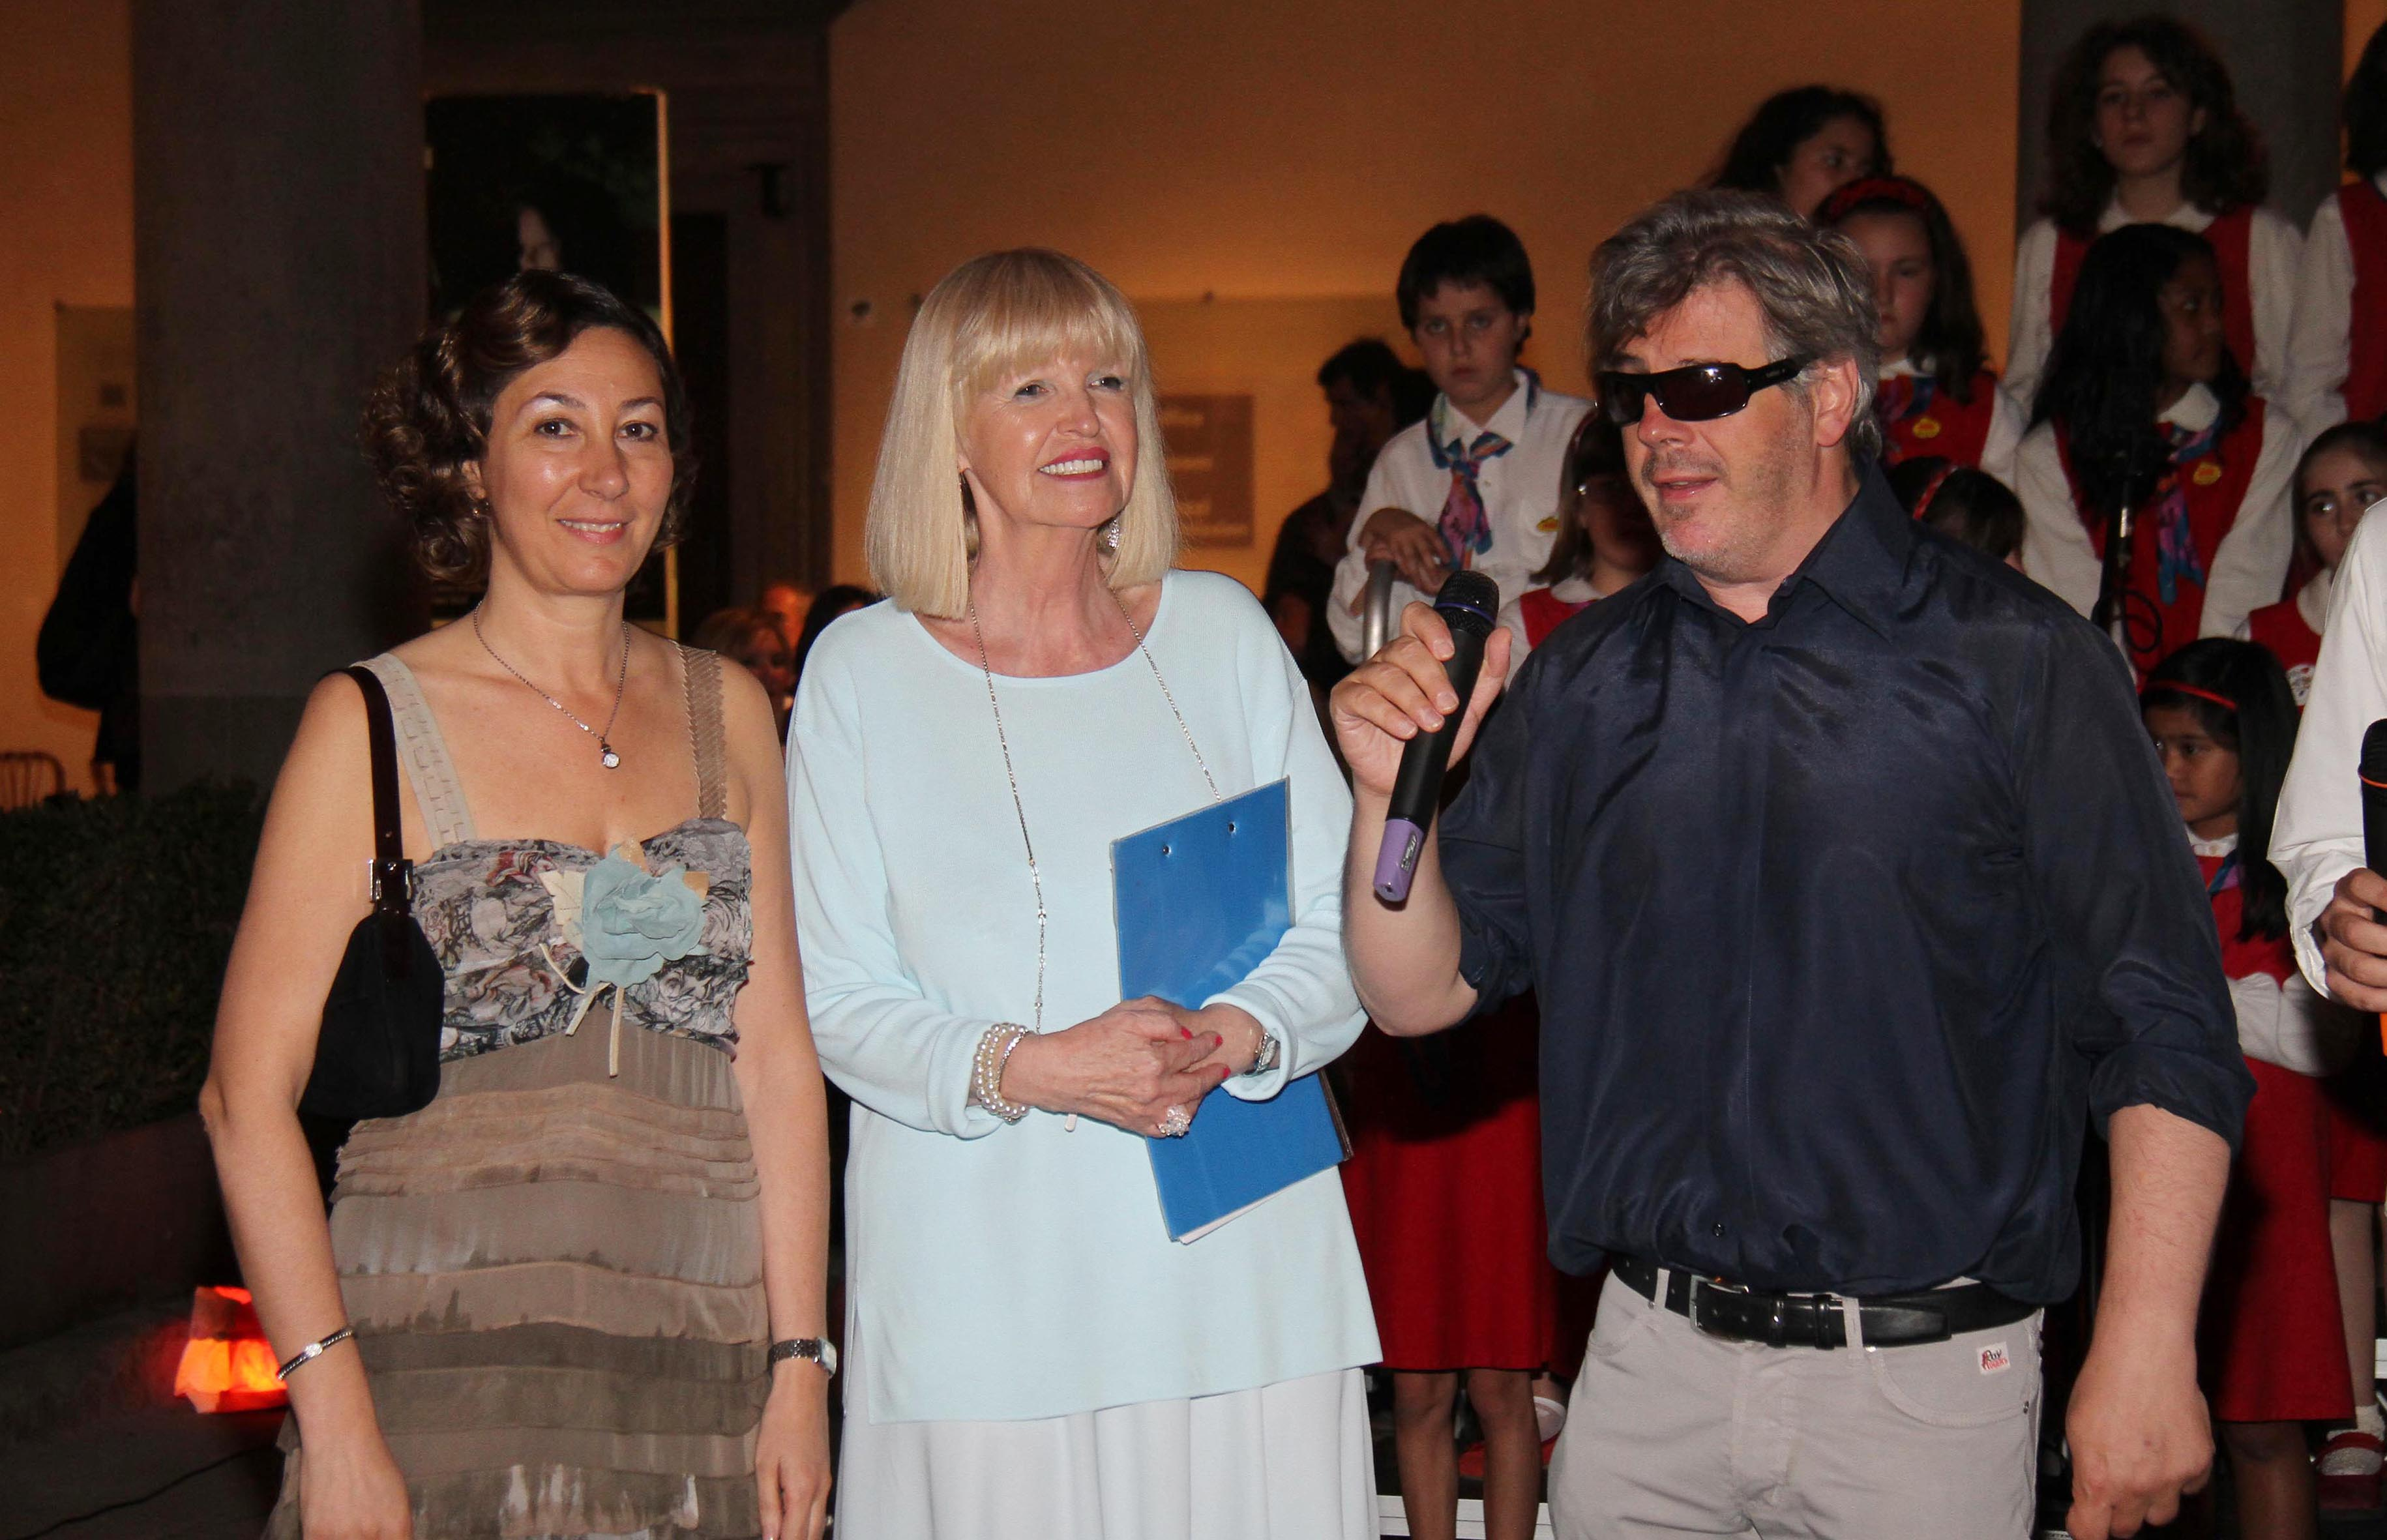 PRESSPHOTO Firenze, Palazzo Strozzi, Milano 25, Col cuore si può. Nella foto Aleandro Baldi e Barbara Enrichi